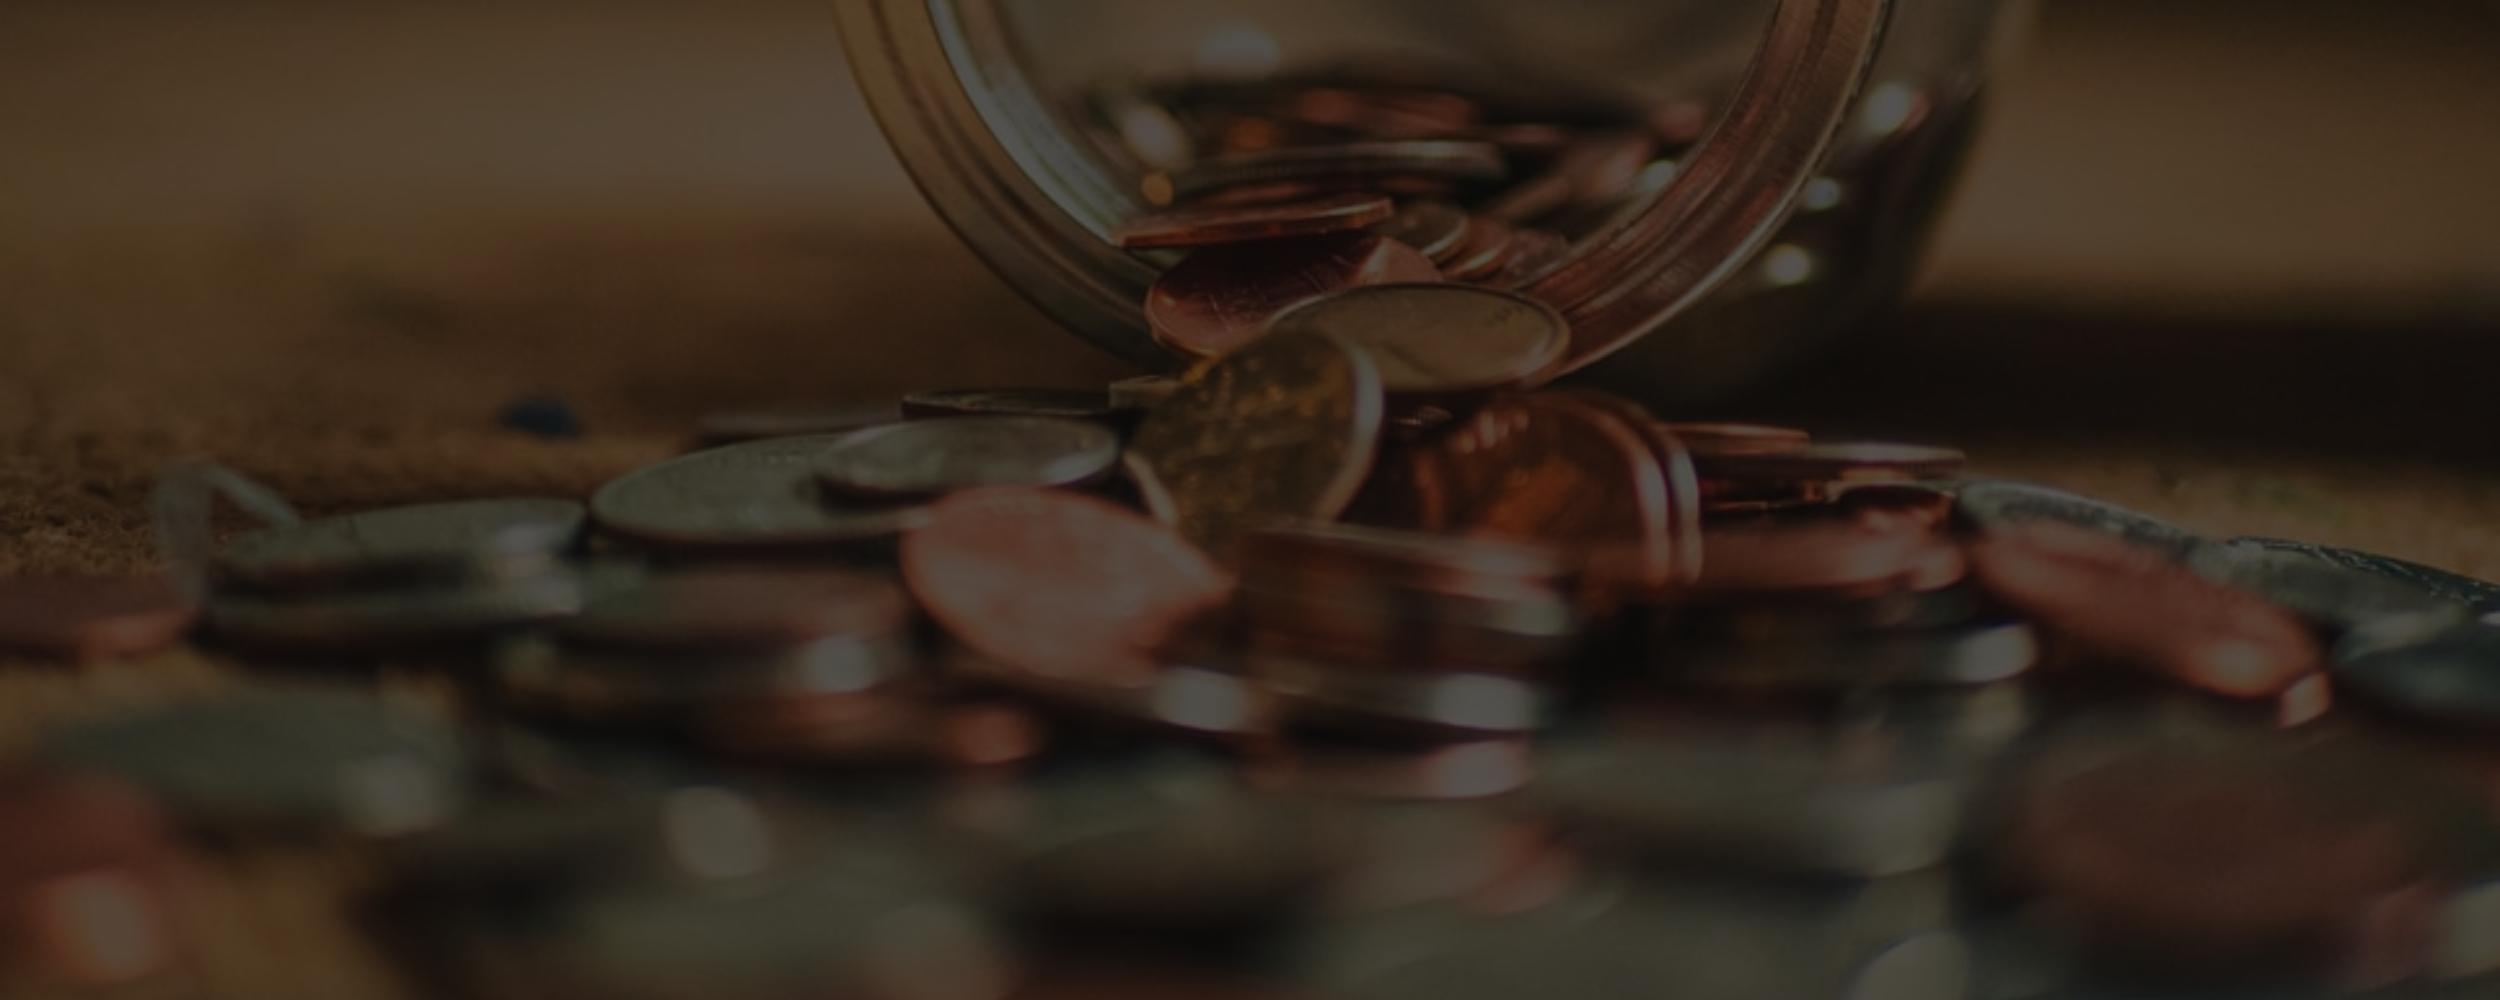 Las entidades bancarias incrementan sus comisiones y endurecen las condiciones para evitarlas